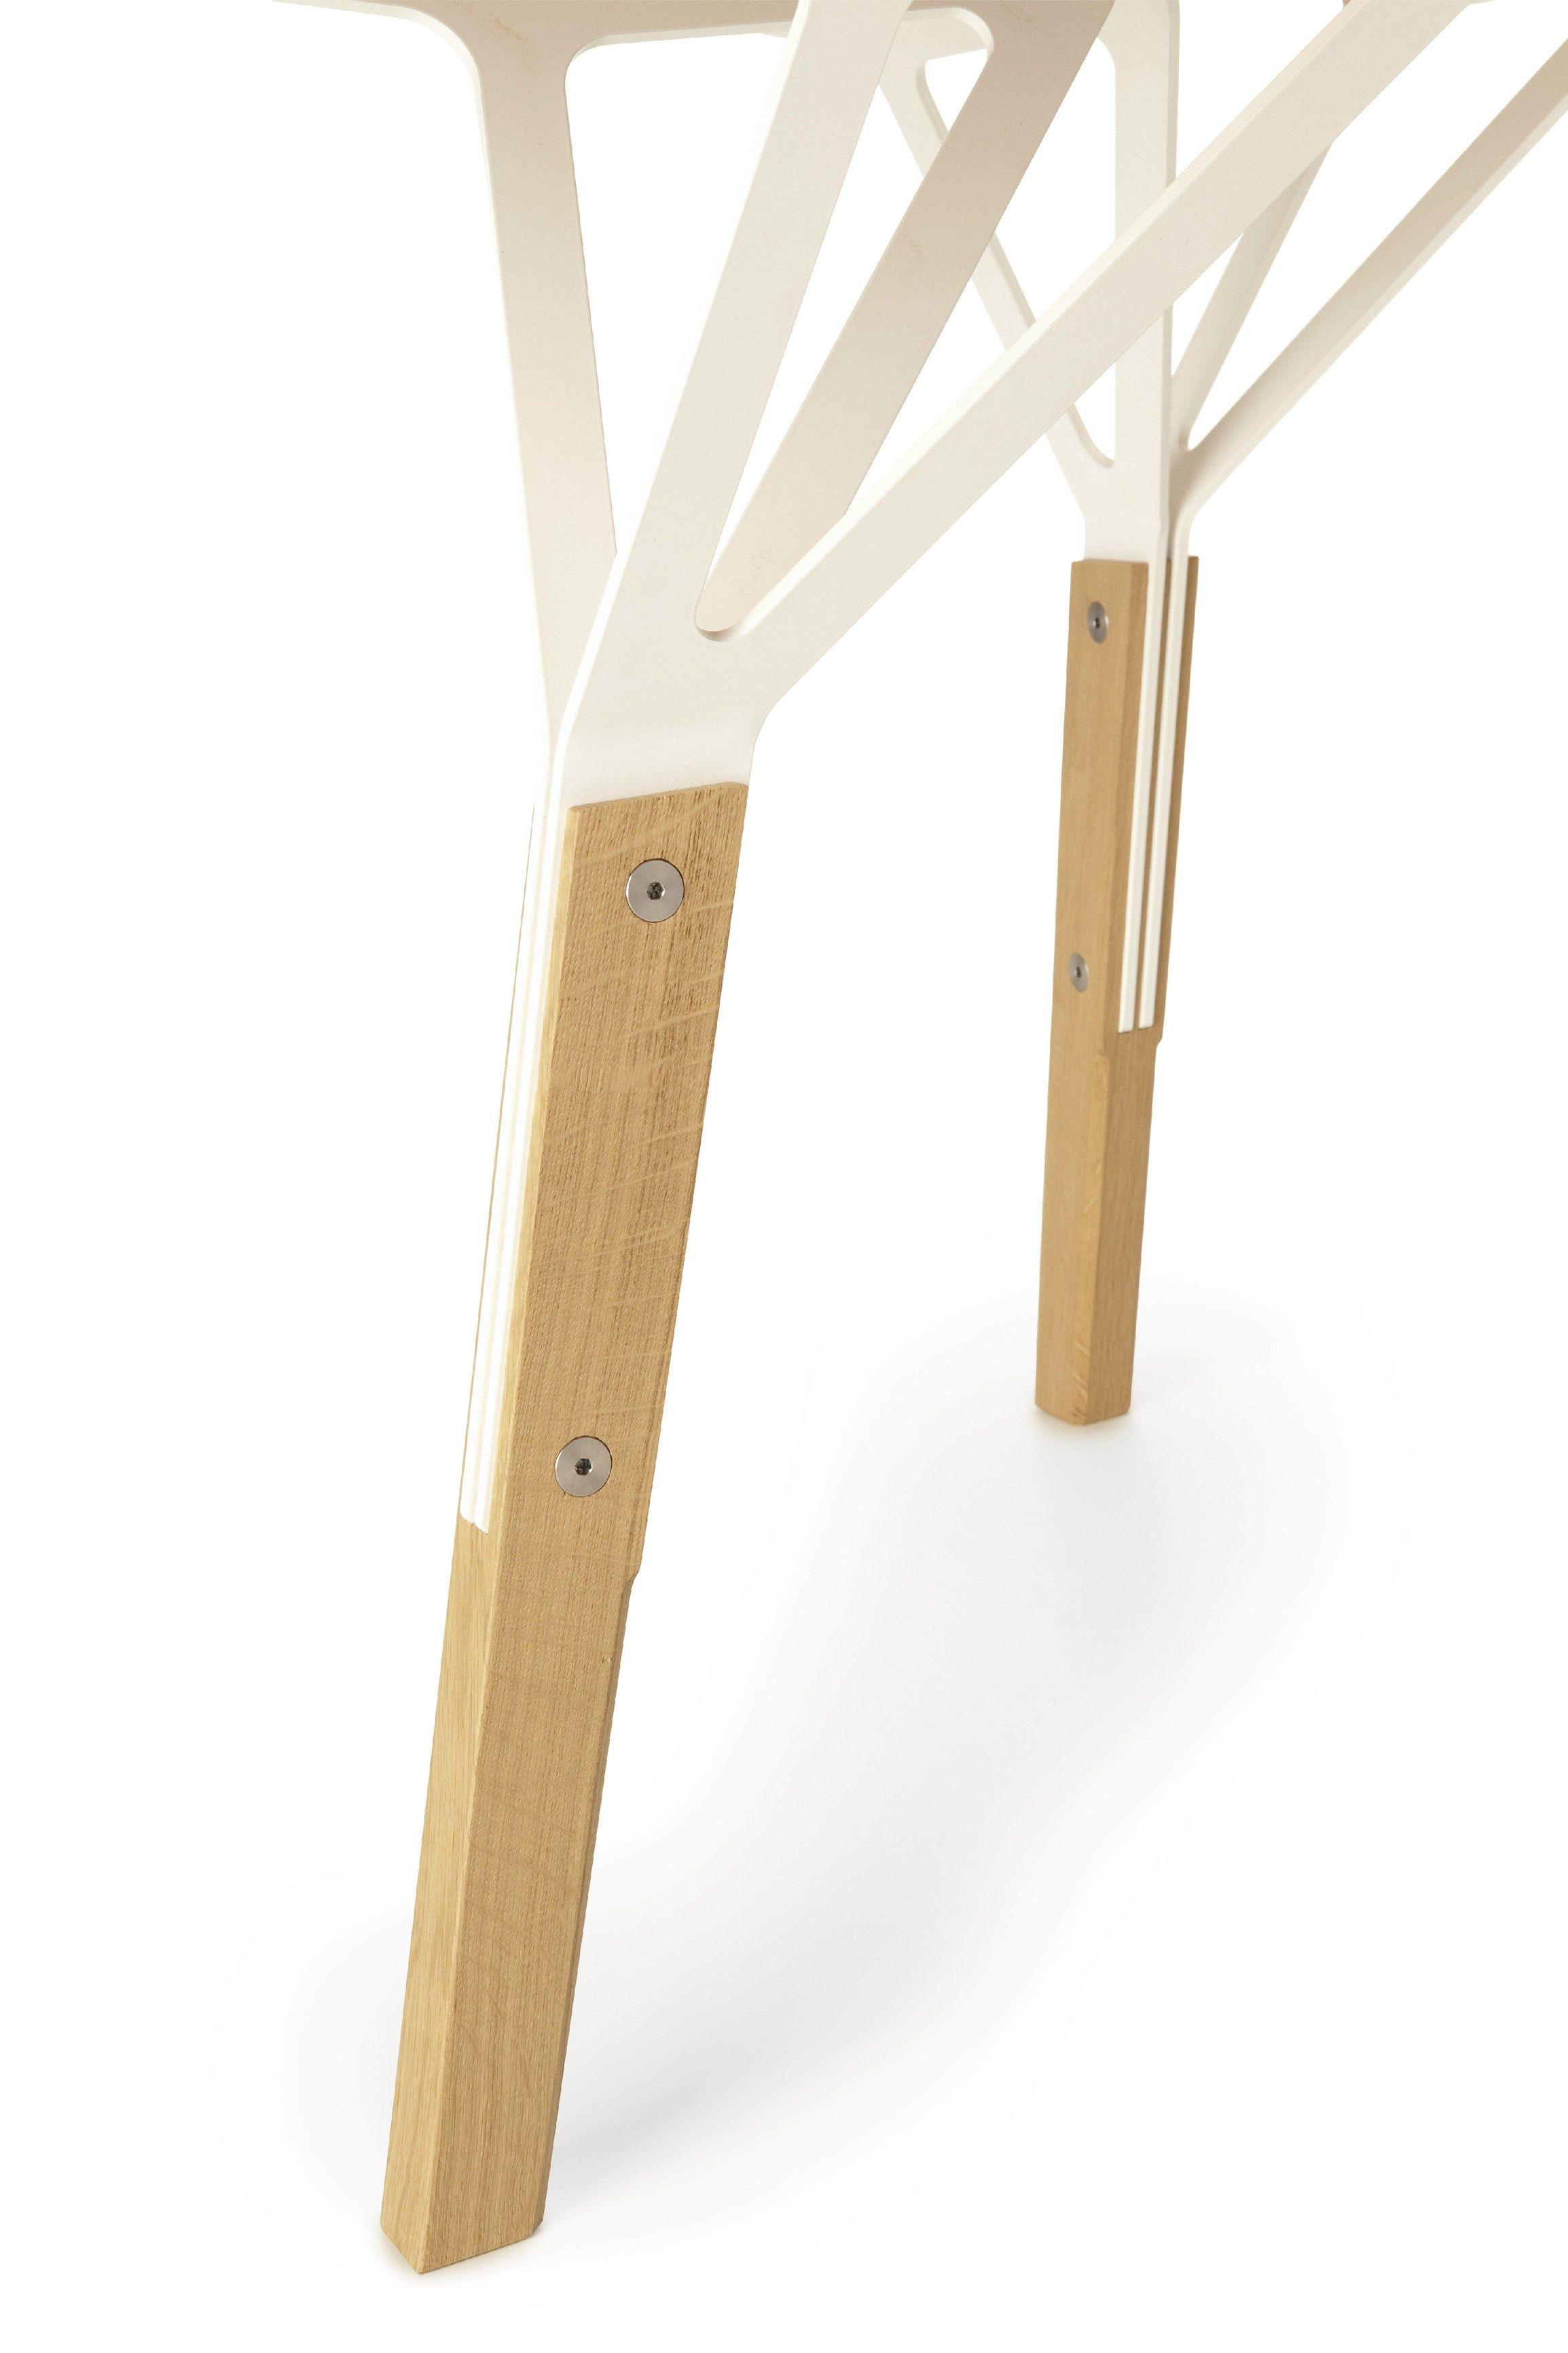 ac0d26c2797af4869389cf279ce3a8c6 Impressionnant De Pieds Pour Table Basse Concept